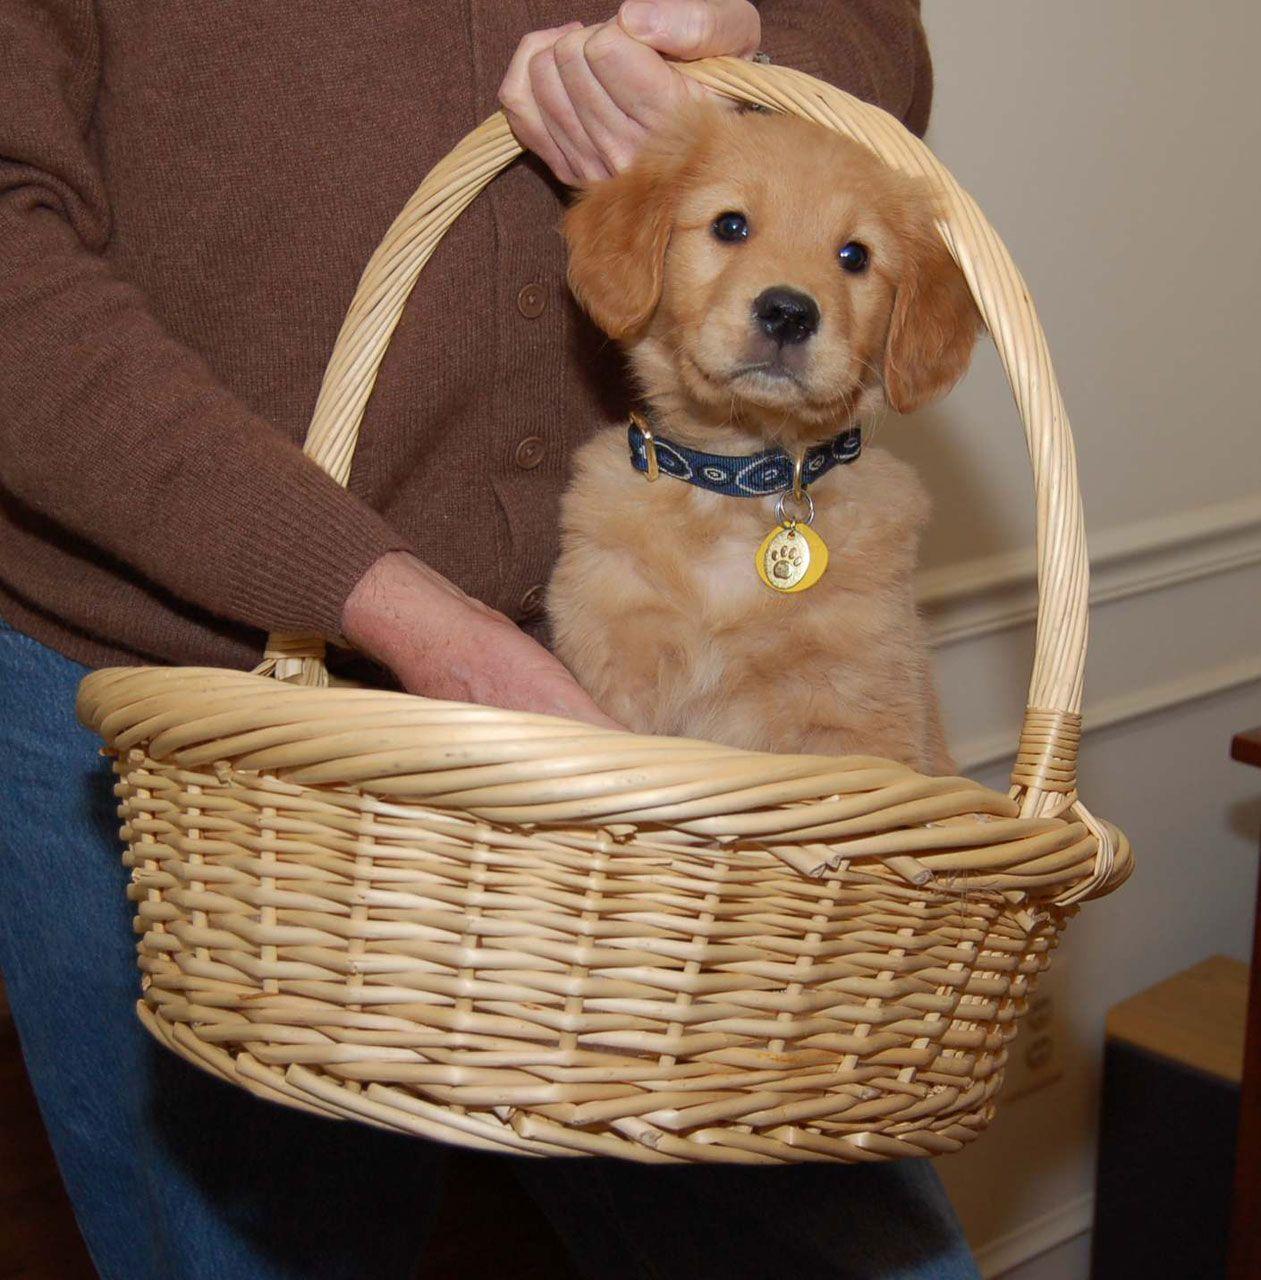 Craigslist Stockton Modesto Pets - Wayang Pets